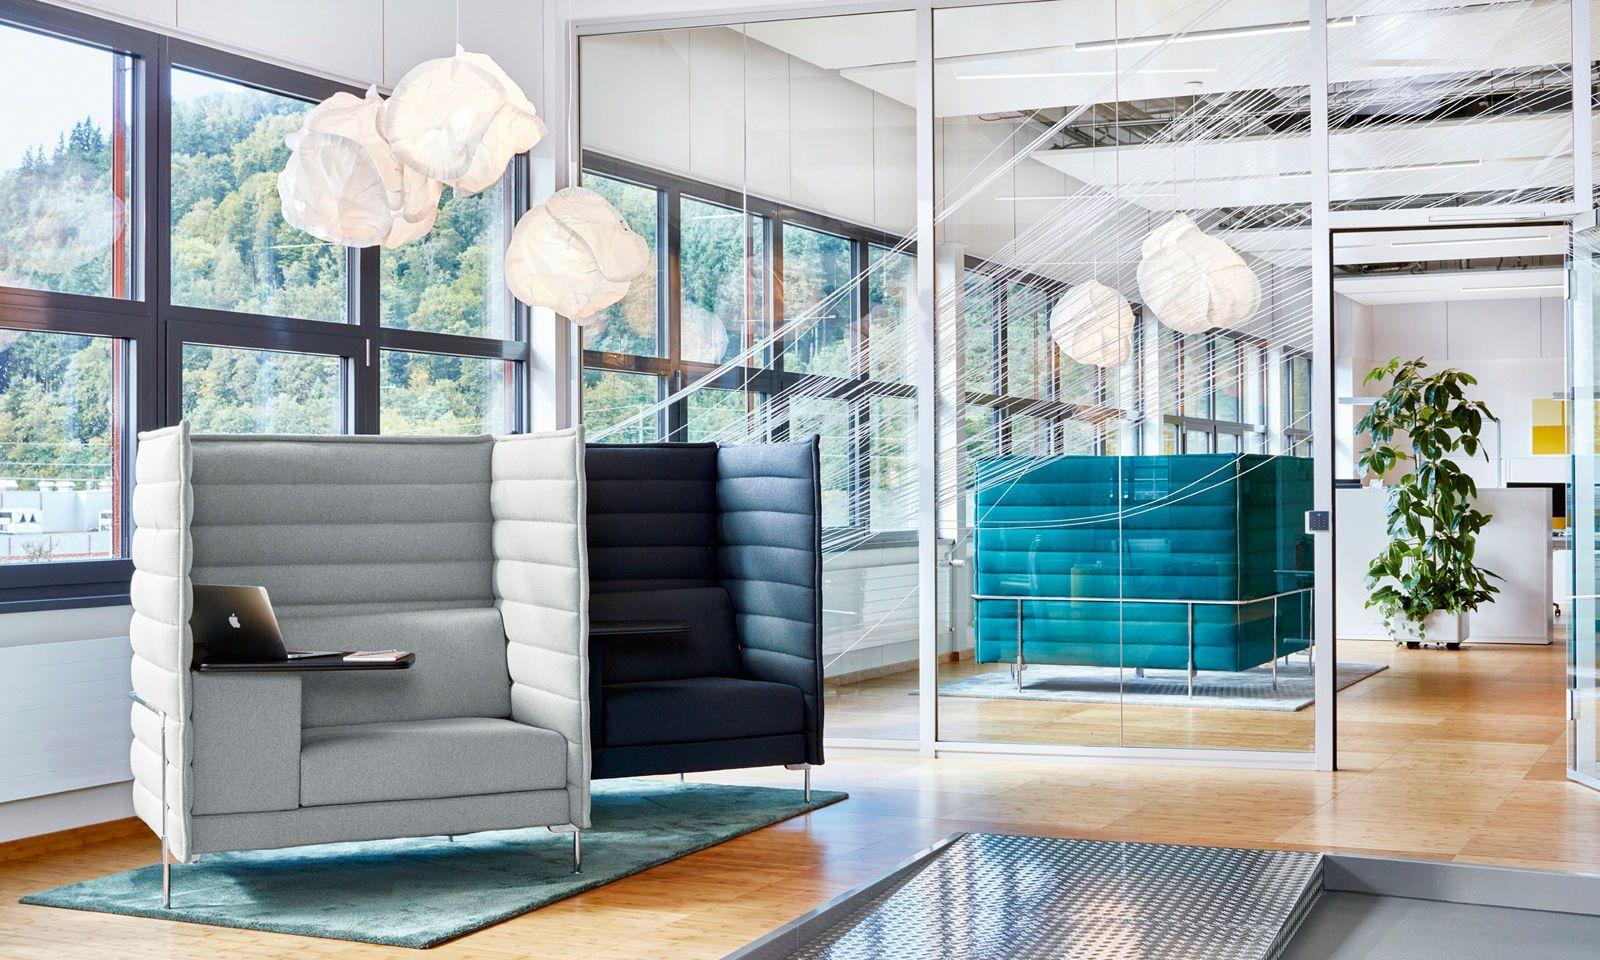 Das Alcove-Sove von Vitra schafft als mikroarchitektonisches Element einen Raum im Raum – für Besprechungen oder solitäre Arbeit.